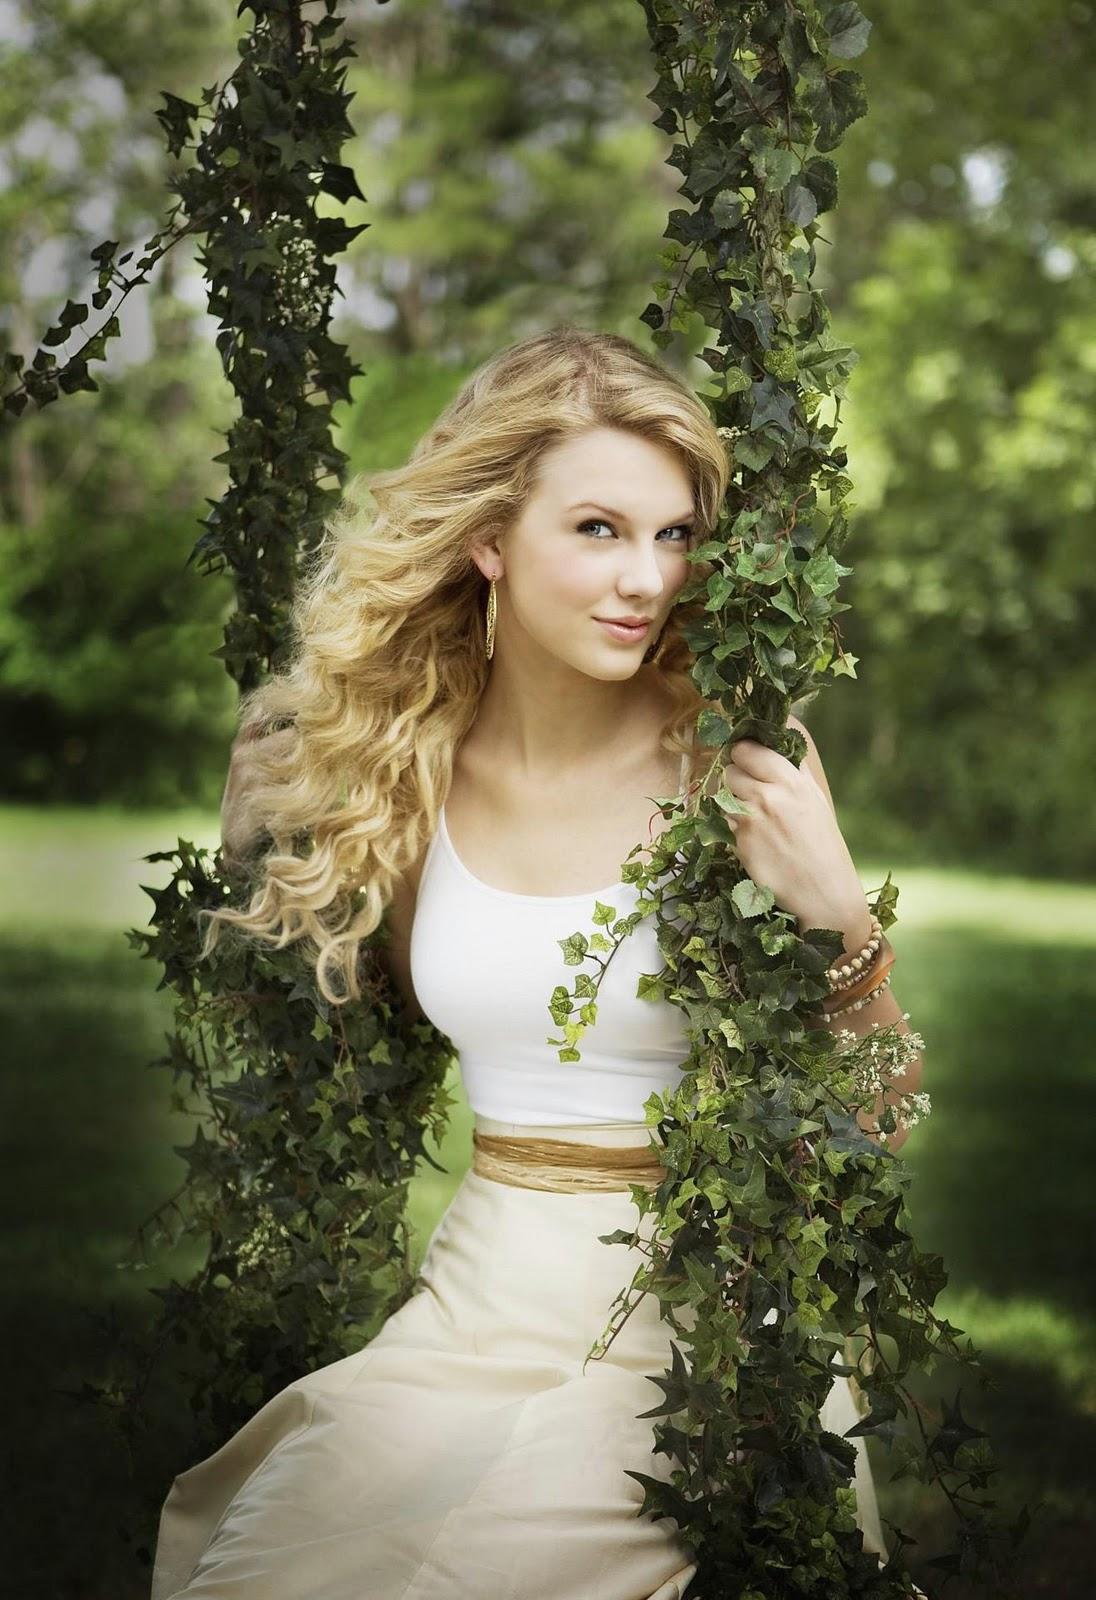 http://1.bp.blogspot.com/-Tqb2wO8u7vY/Tye-T1GmaOI/AAAAAAAABgA/vLKfmnqr9_c/s1600/Taylor_Swift_Picture_1024_JXY8LG.jpg